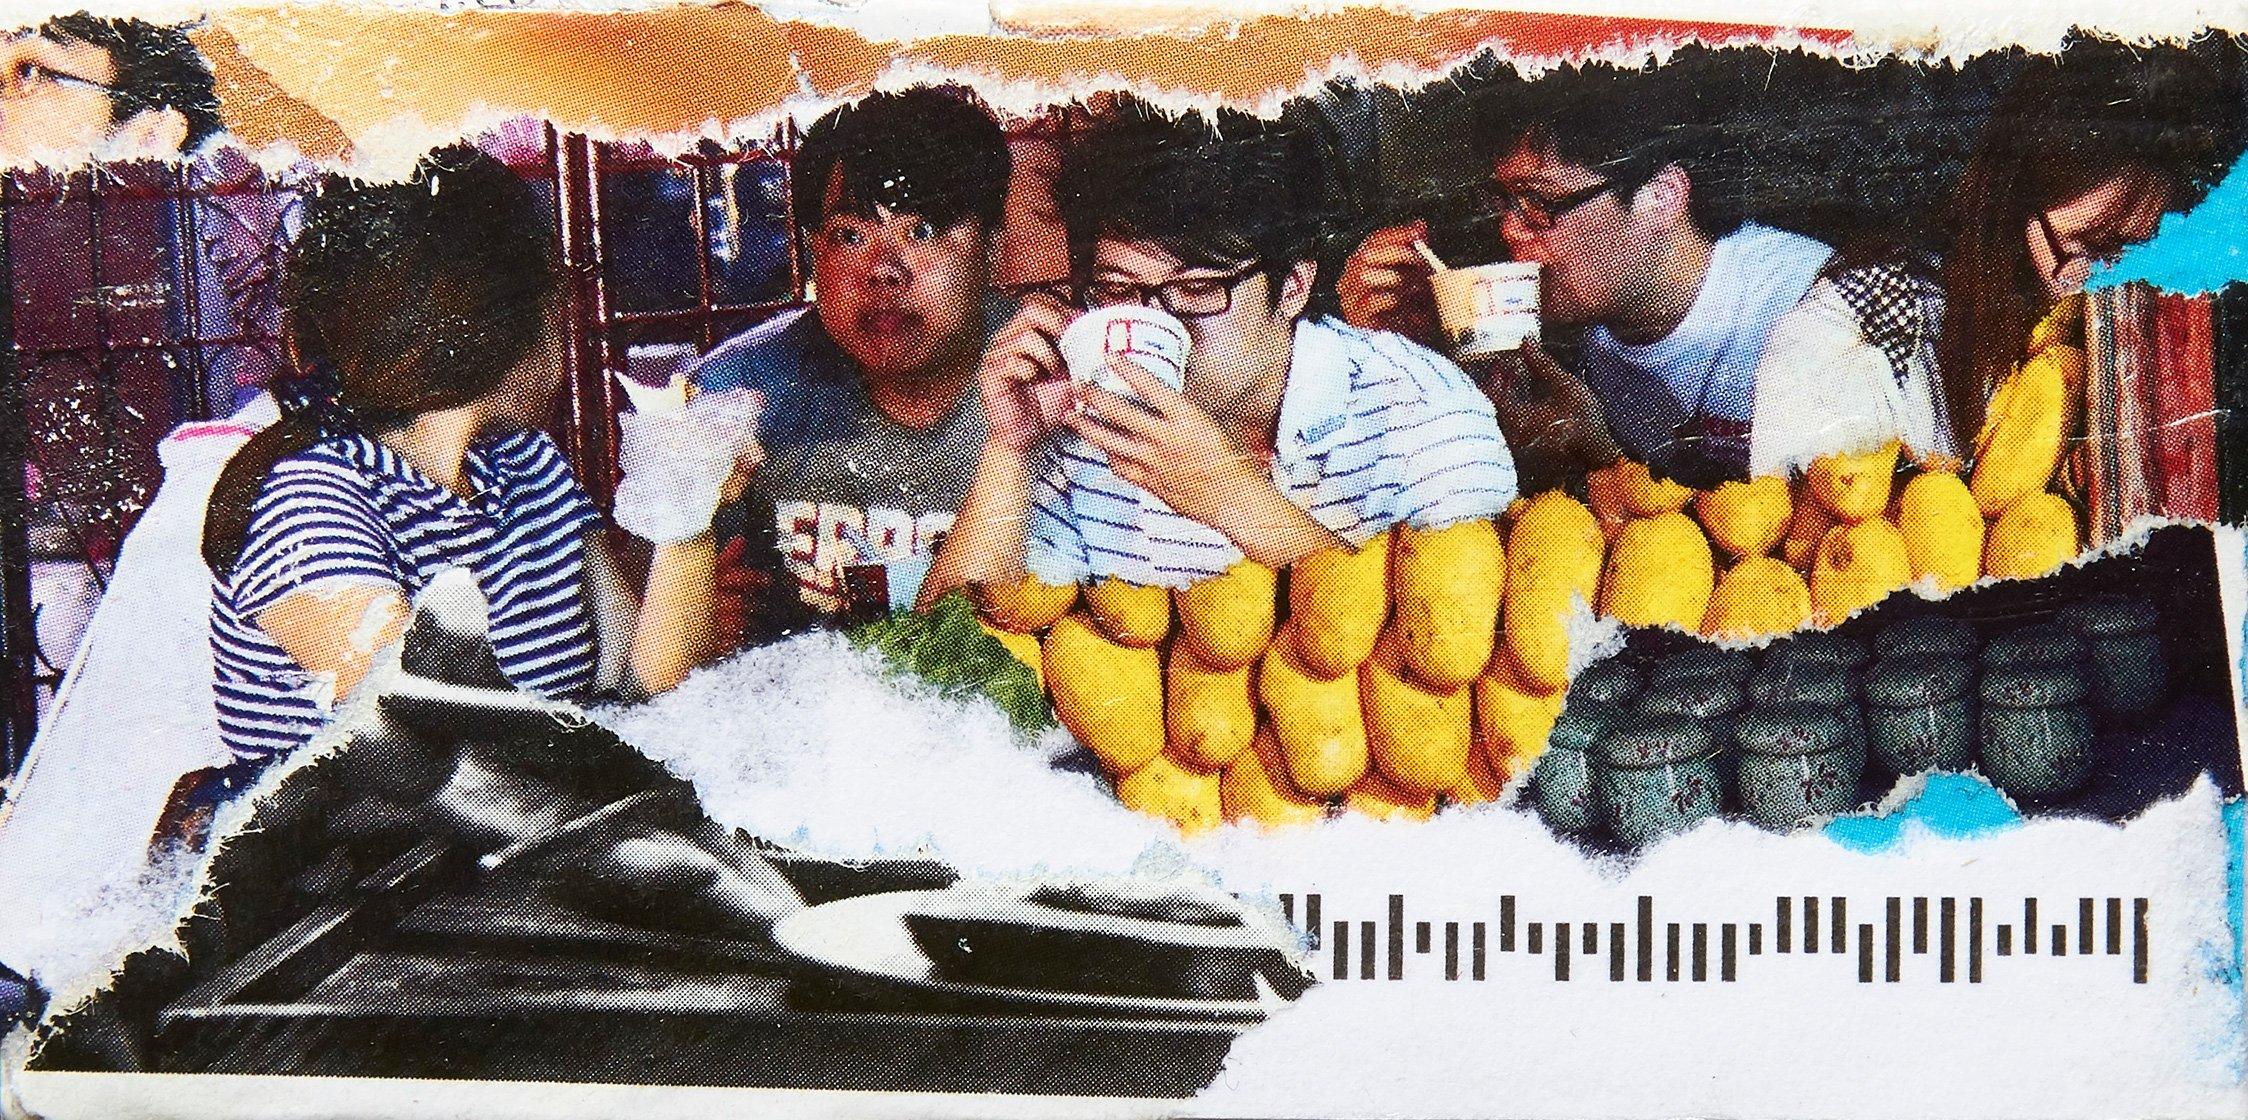 Feeding Frenzy by Joel Liscio